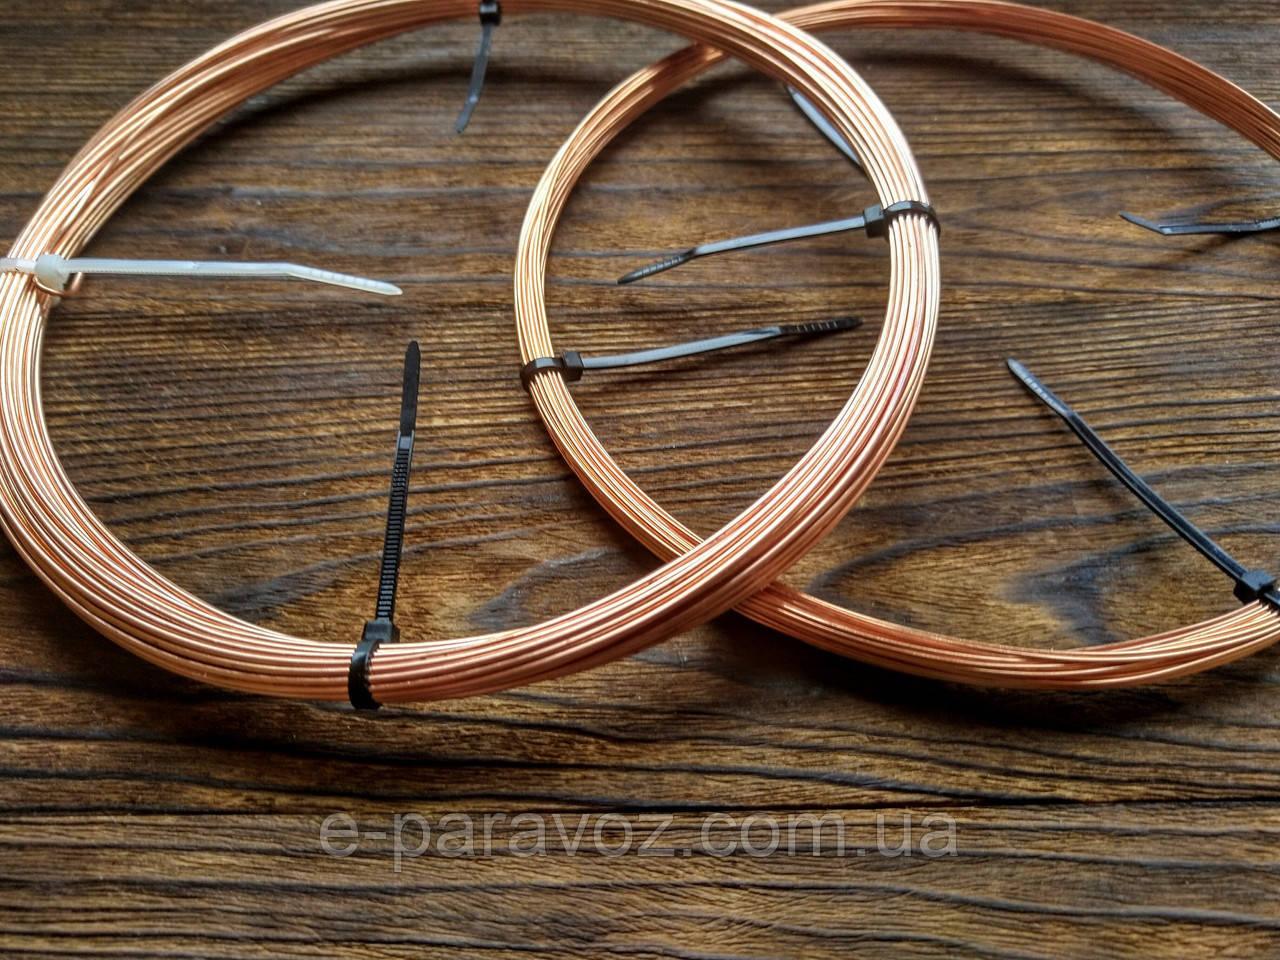 Медь 1.2 мм - 1 метр, медная проволока для рукоделия, бисера, бижутерии